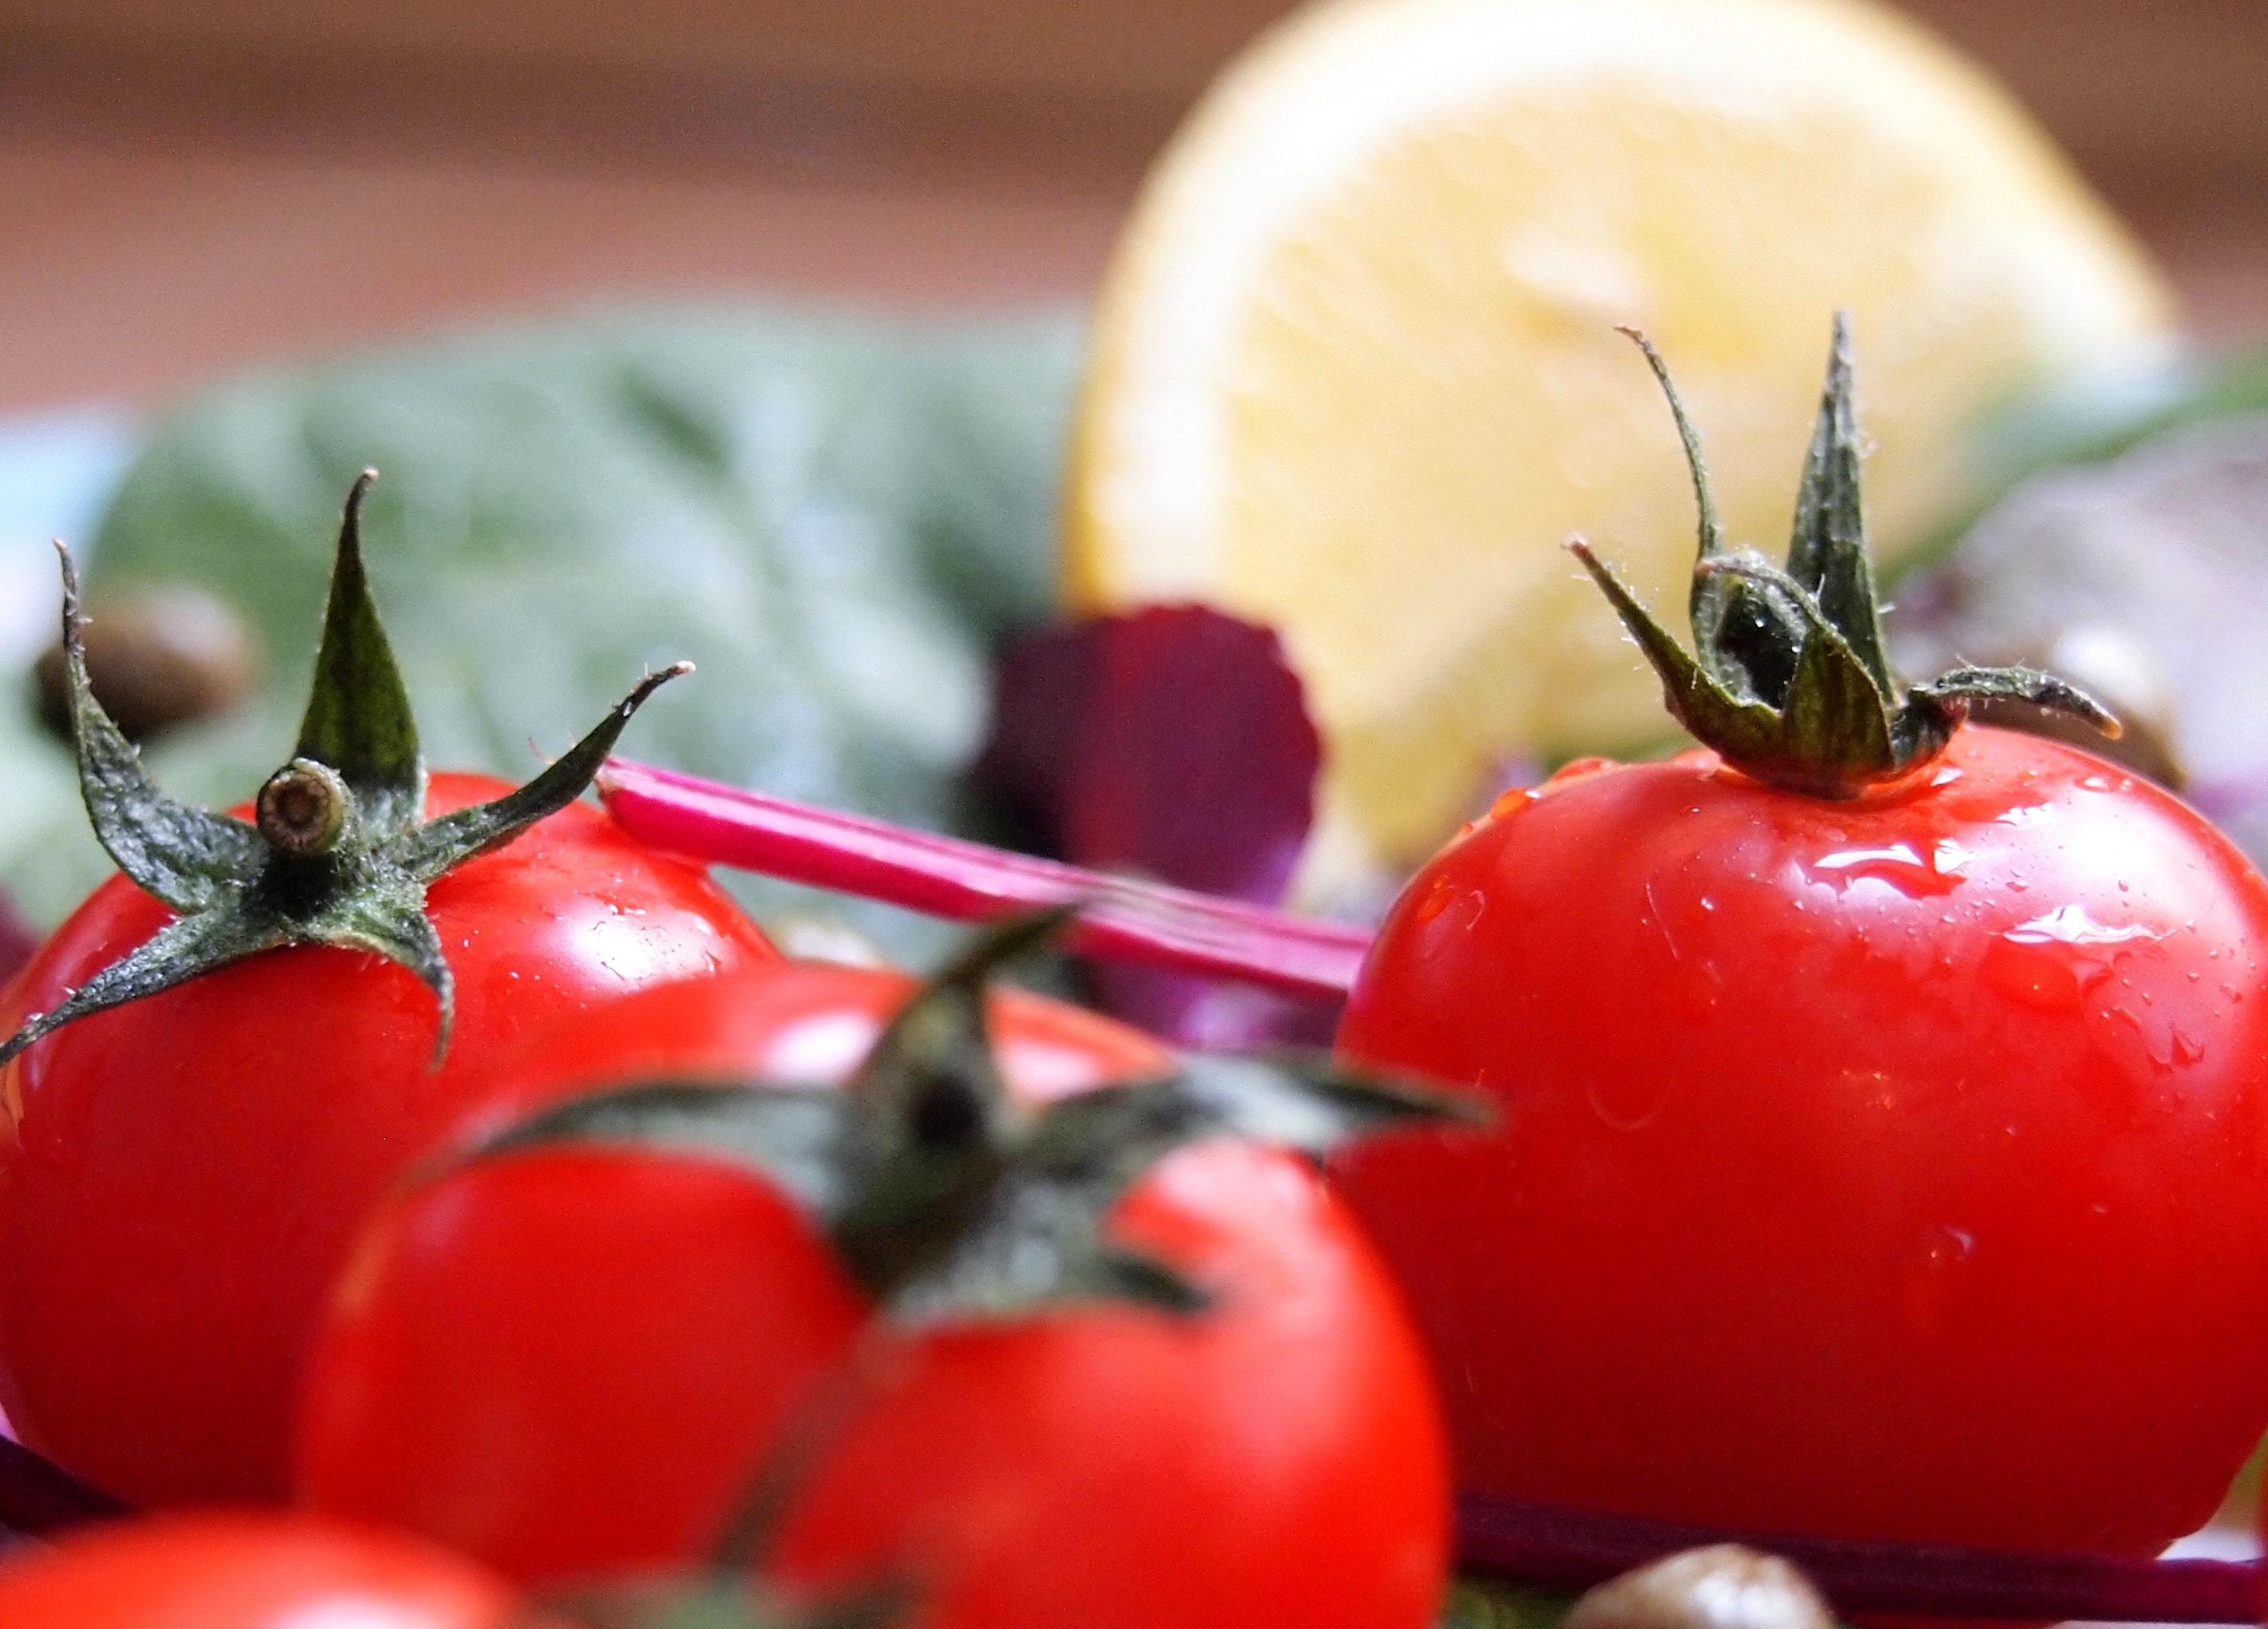 азы правильного питания для похудения